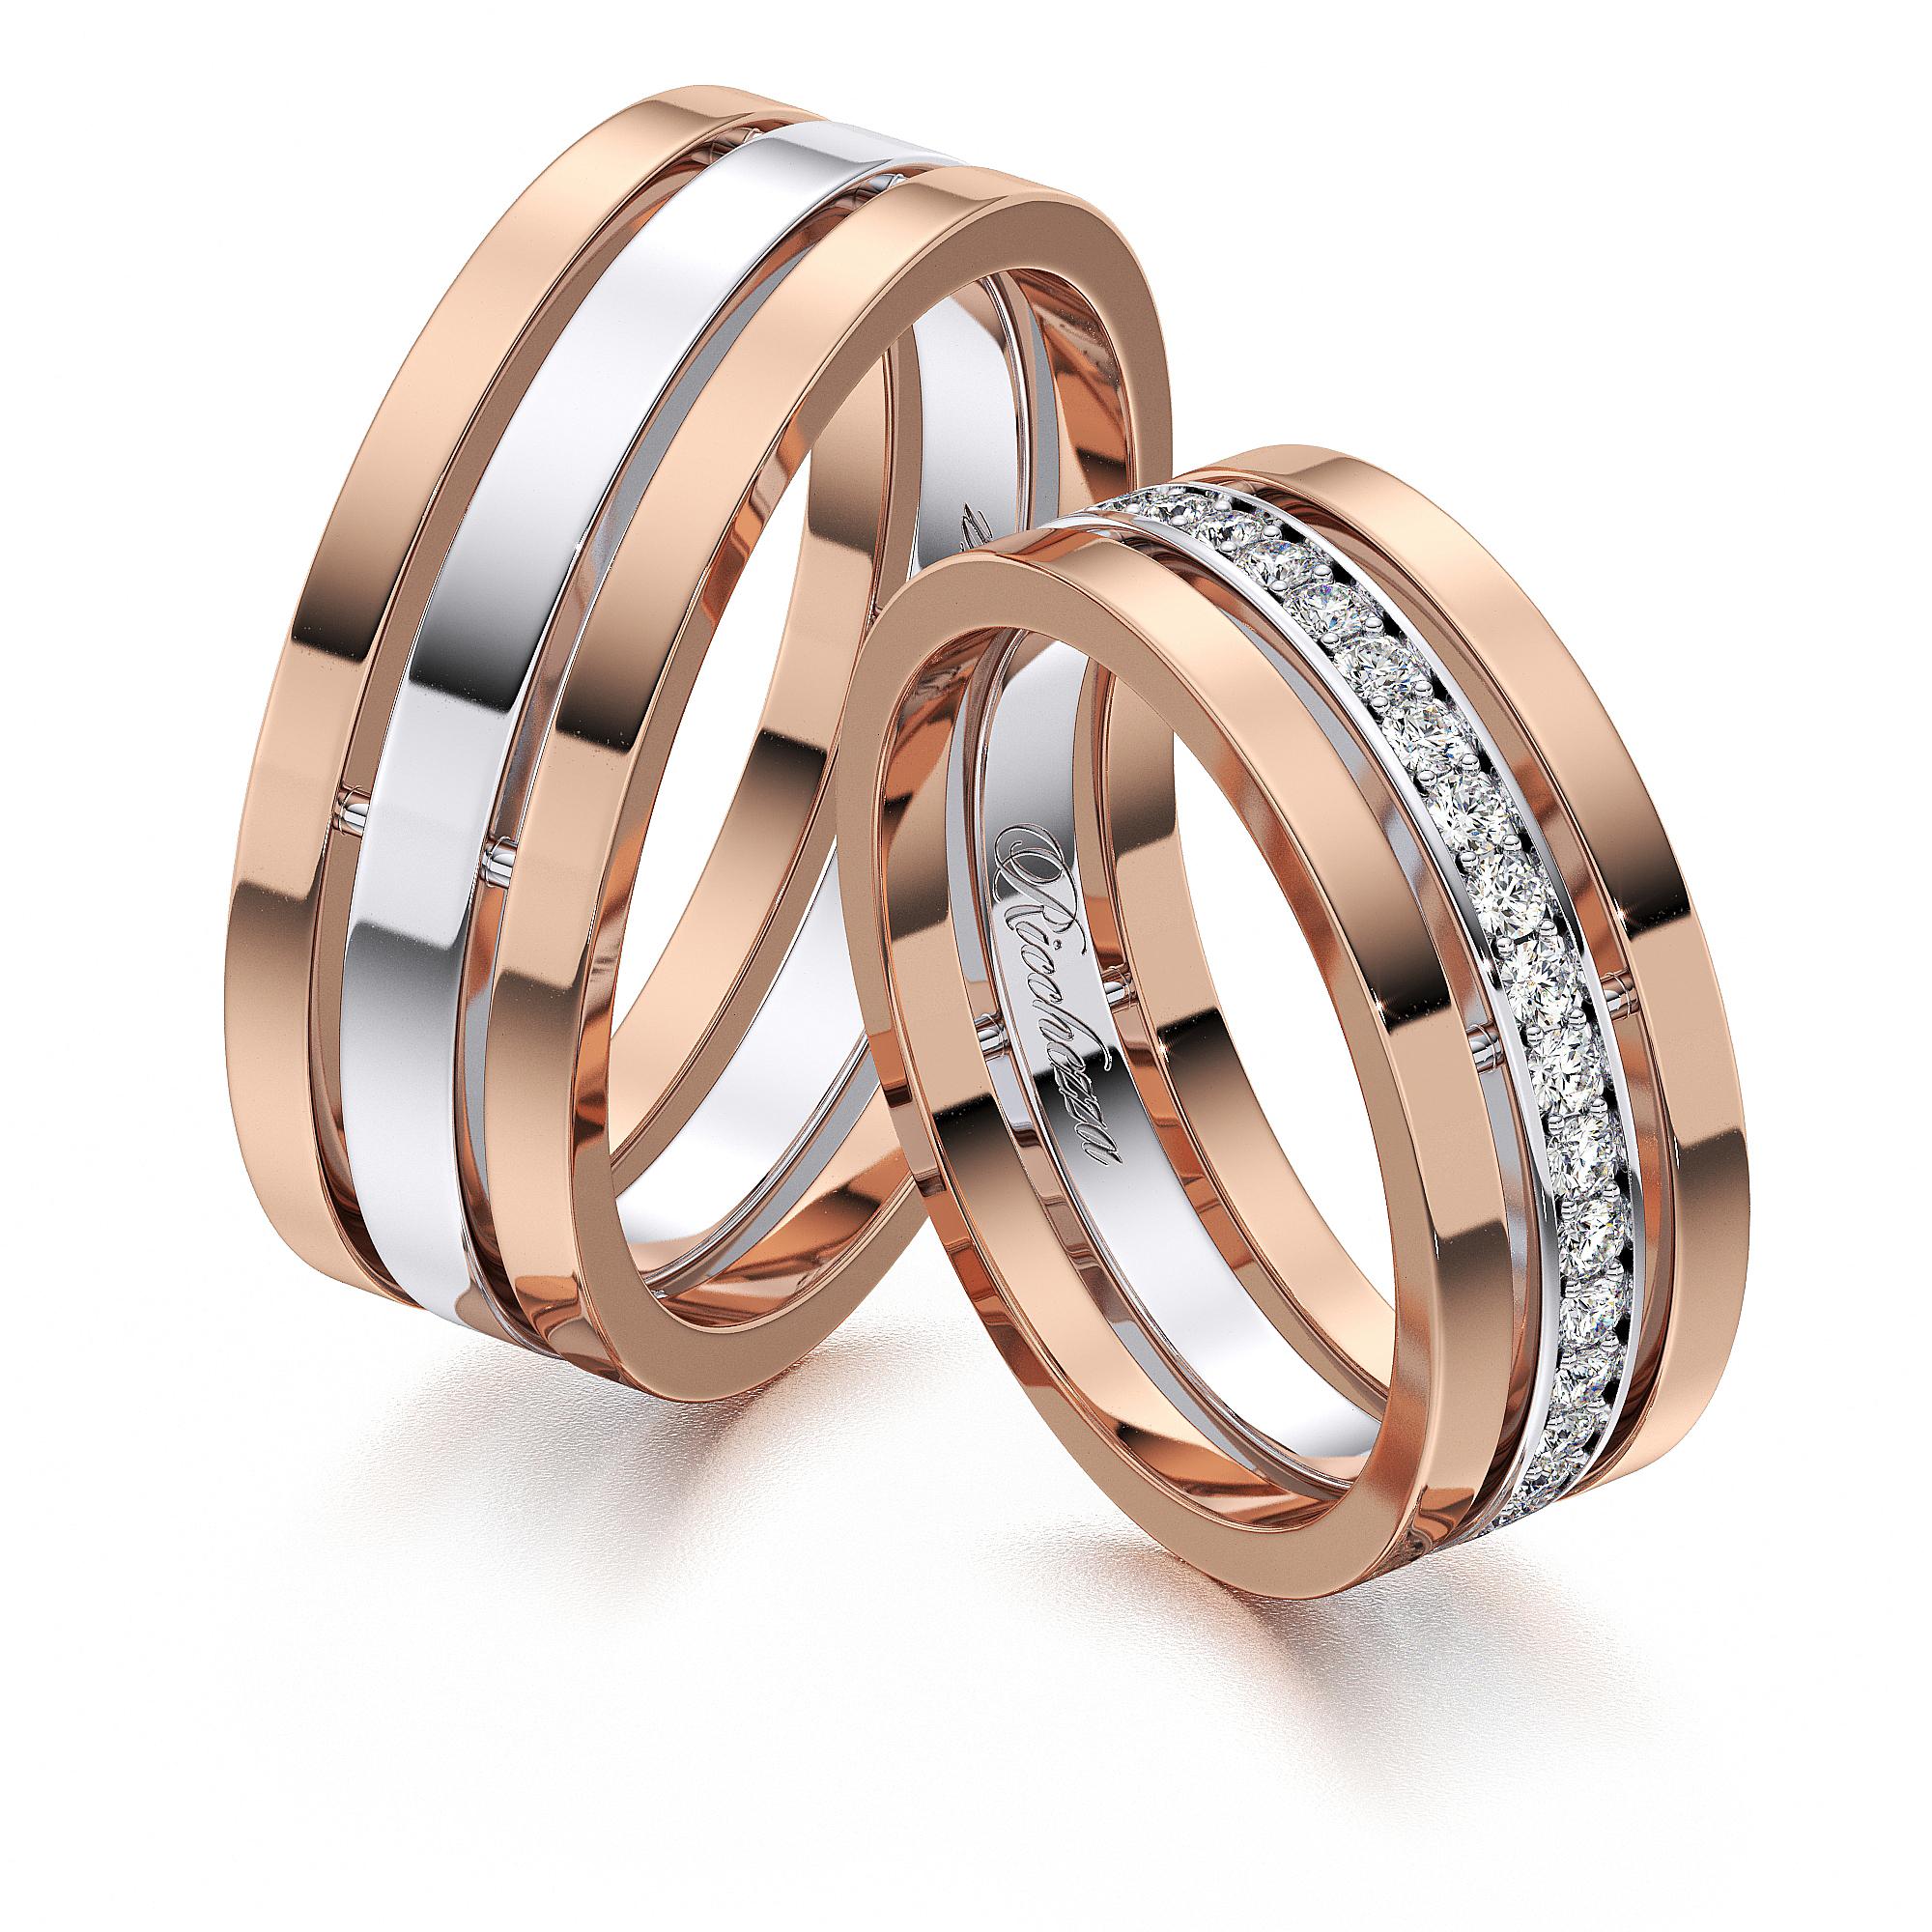 Обручальные кольца RS36 — Ricchezza — ювелирные изделия 12282d3aed7